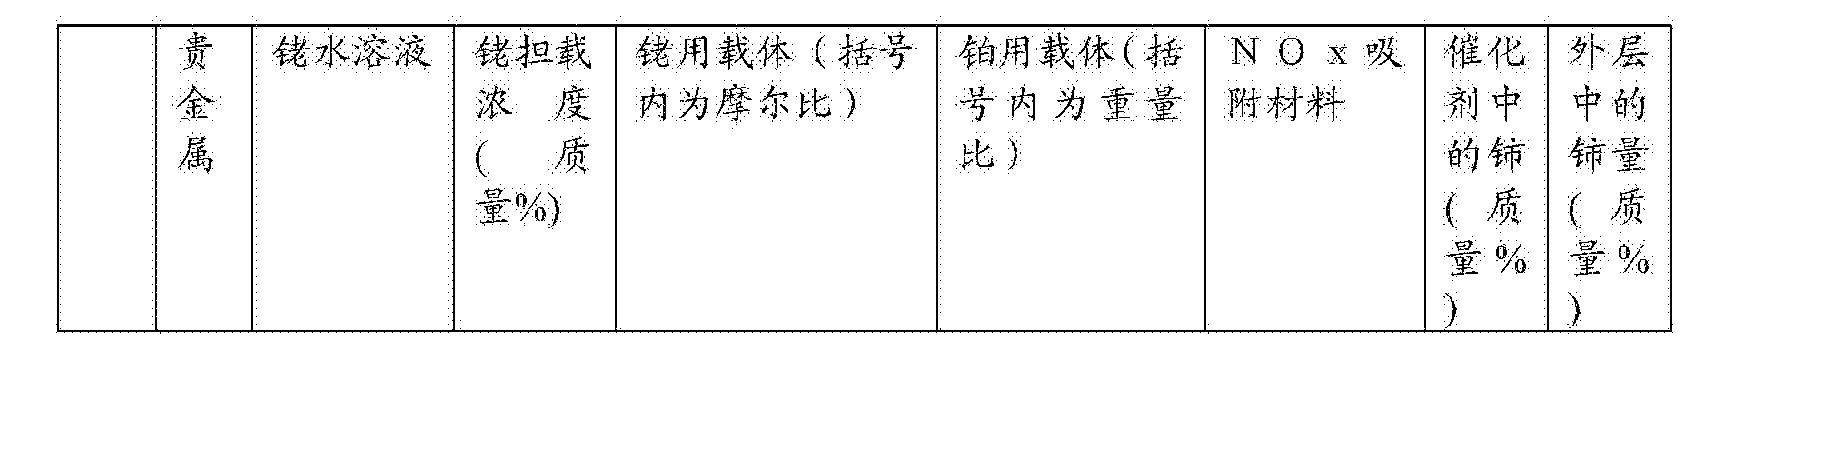 Figure CN104353457BD00121